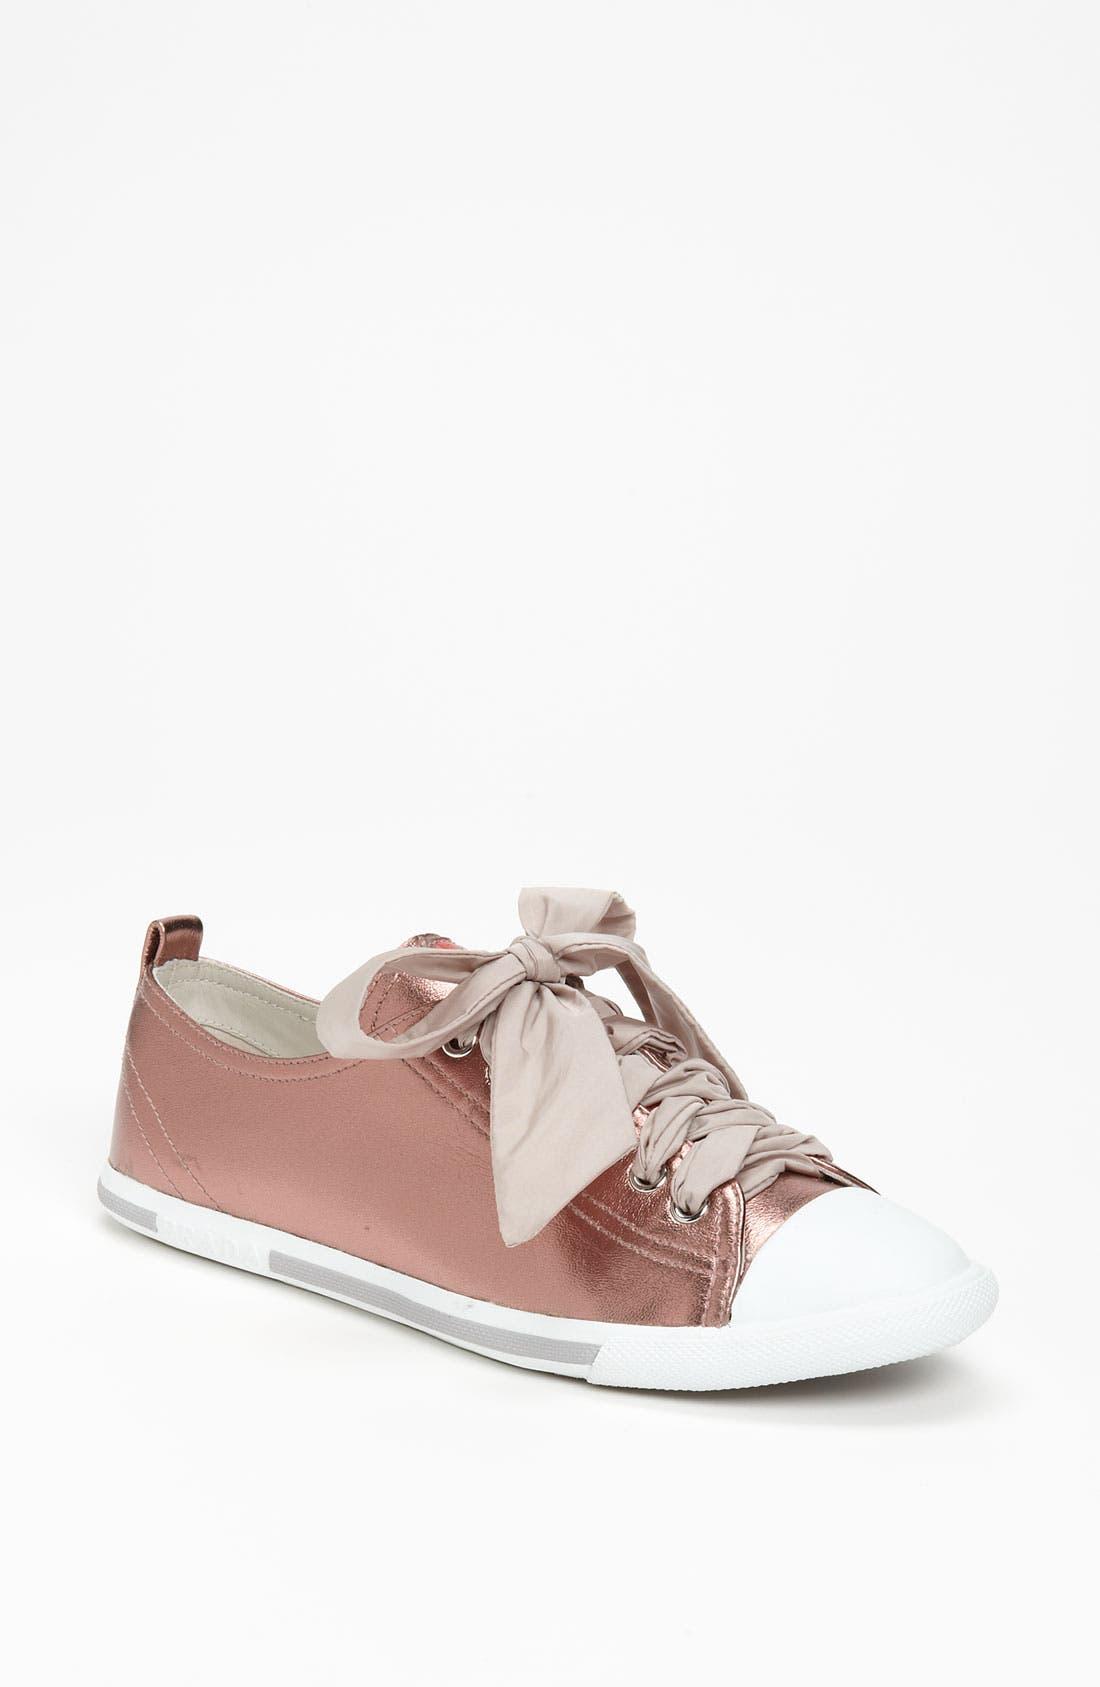 Alternate Image 1 Selected - Prada Metallic Sneaker